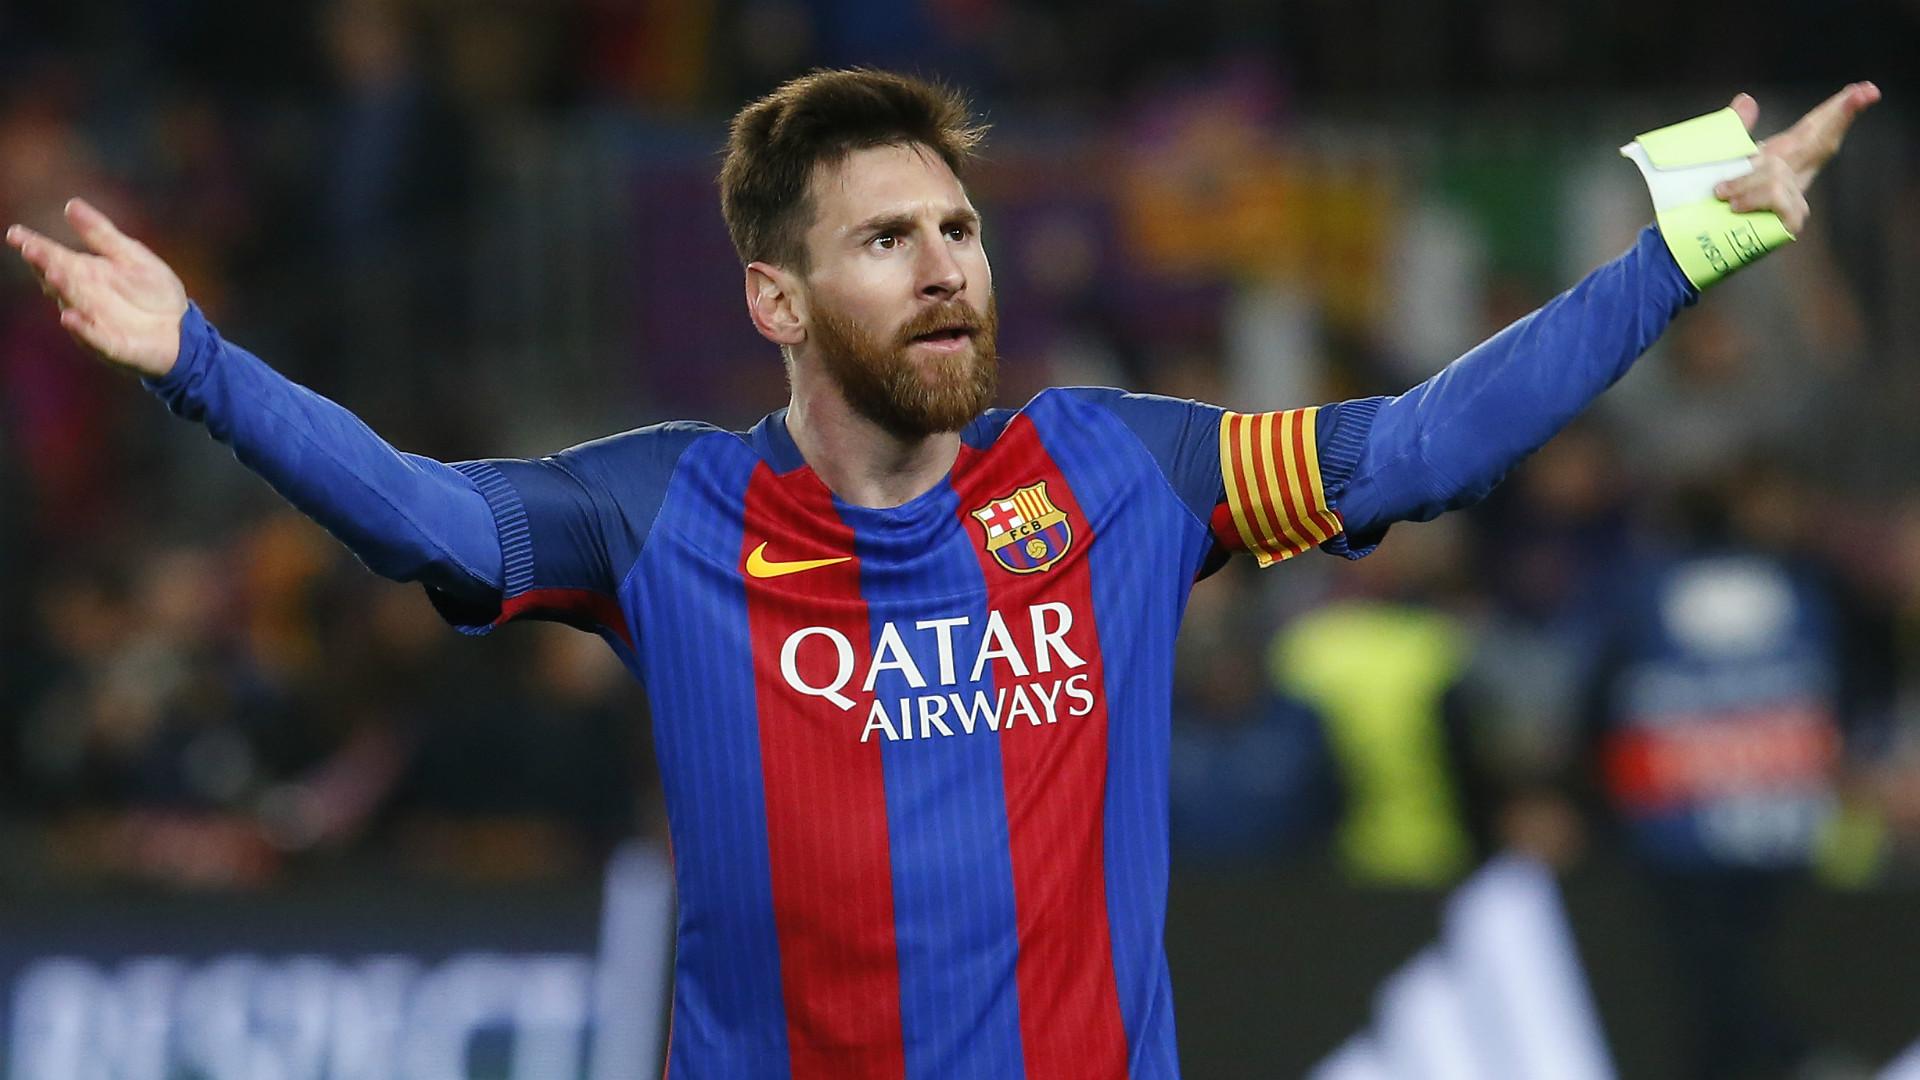 lionel-messi-barcelona-psg-uefa-champions-league-08032016_feltmf12bt0f18v9iprtnl463-1 Top 10 Jugadores - Temporada 2016/2017 - Comunio-Biwenger